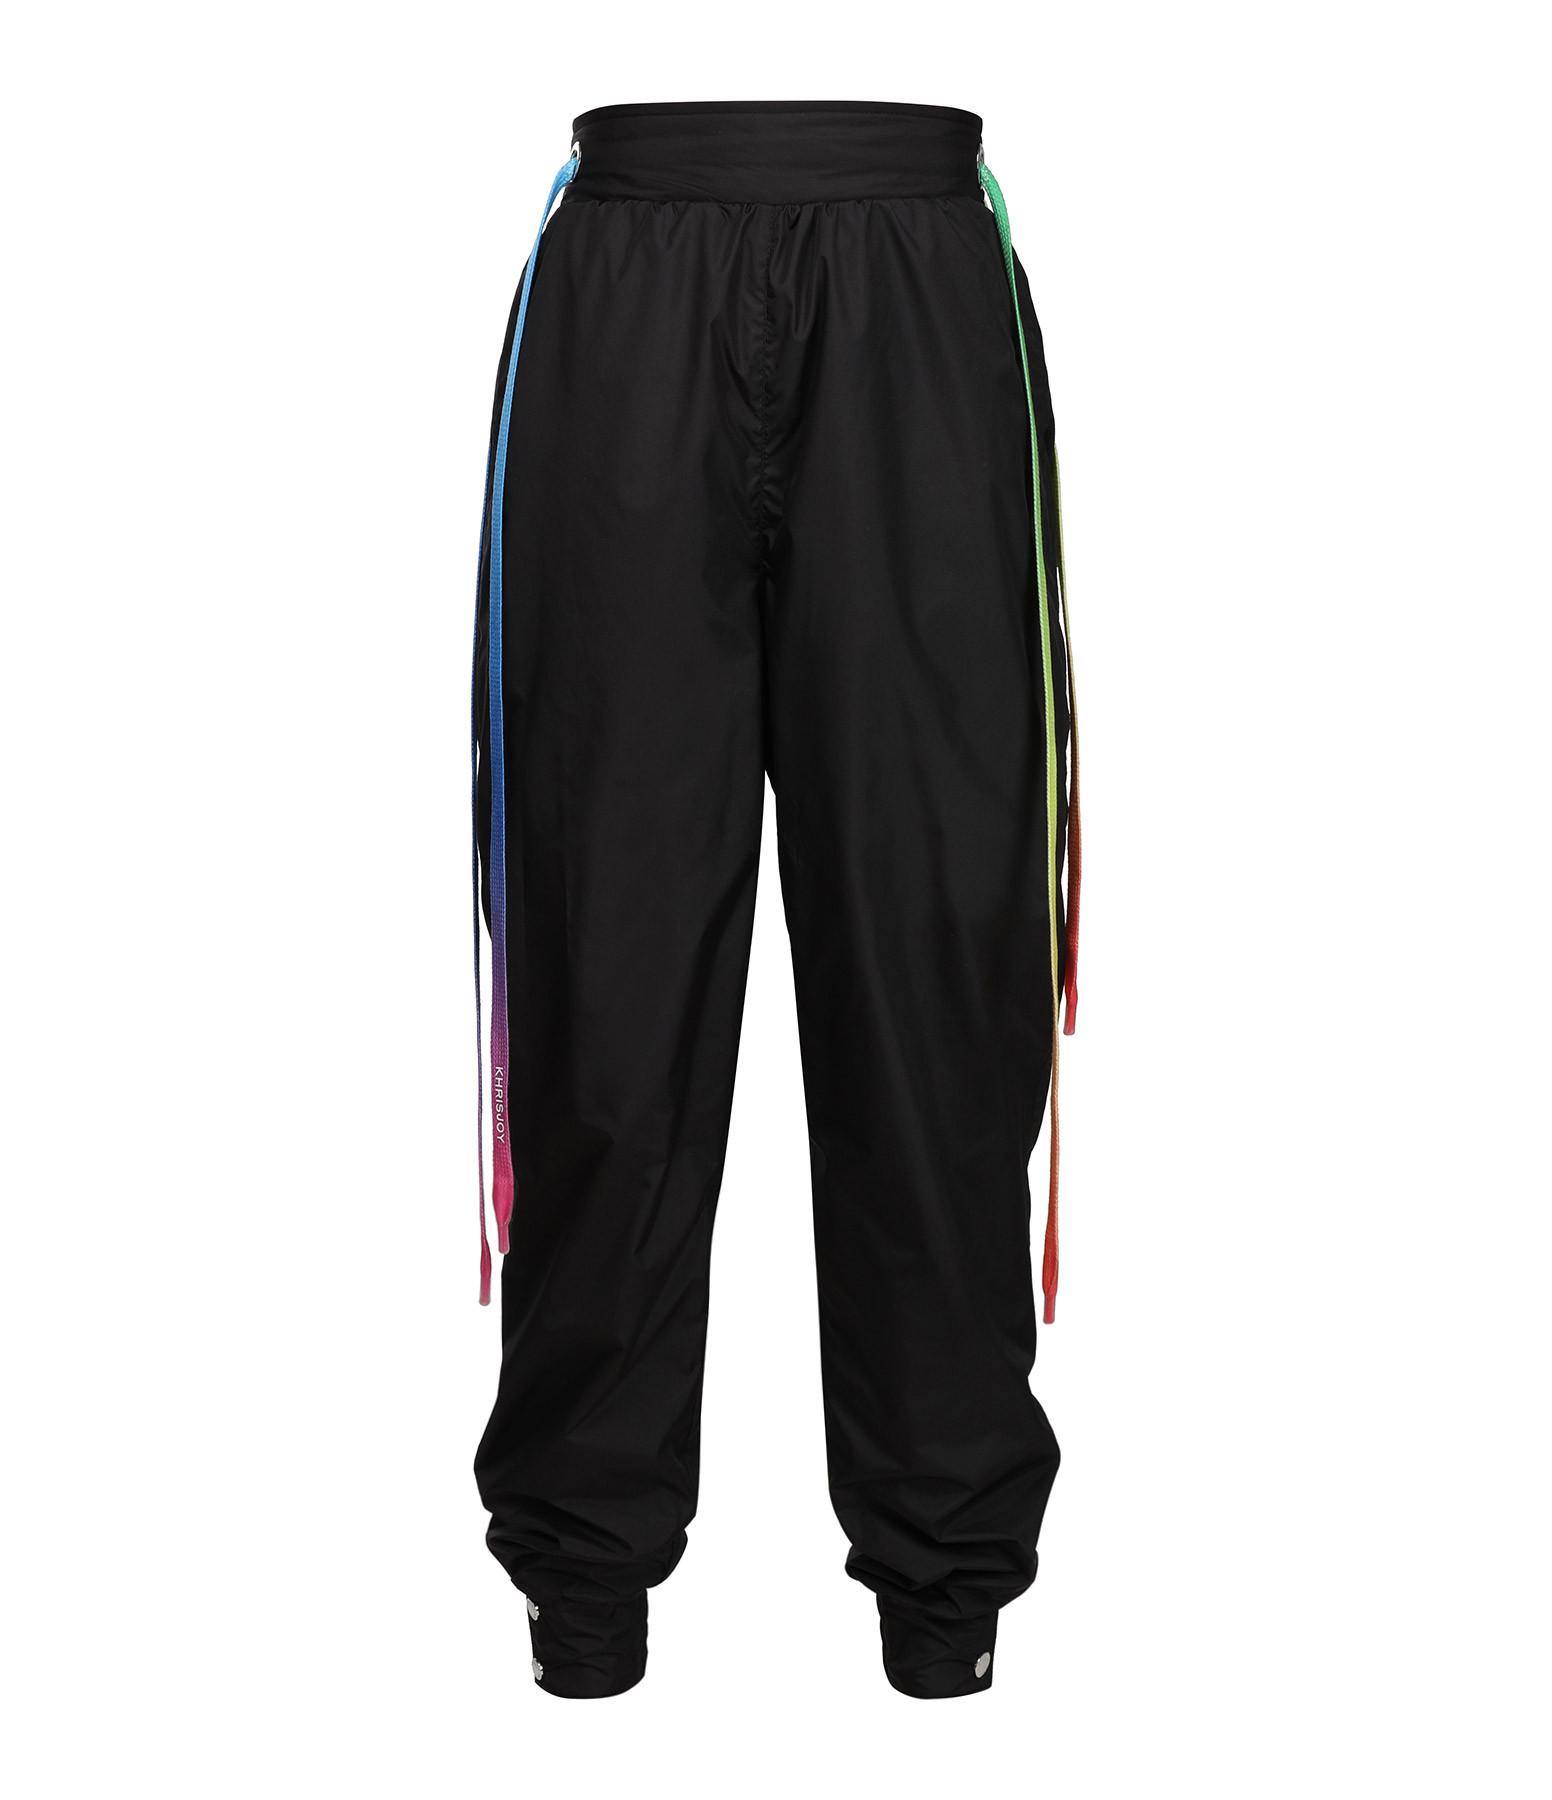 KHRISJOY - Pantalon Drawstring Noir